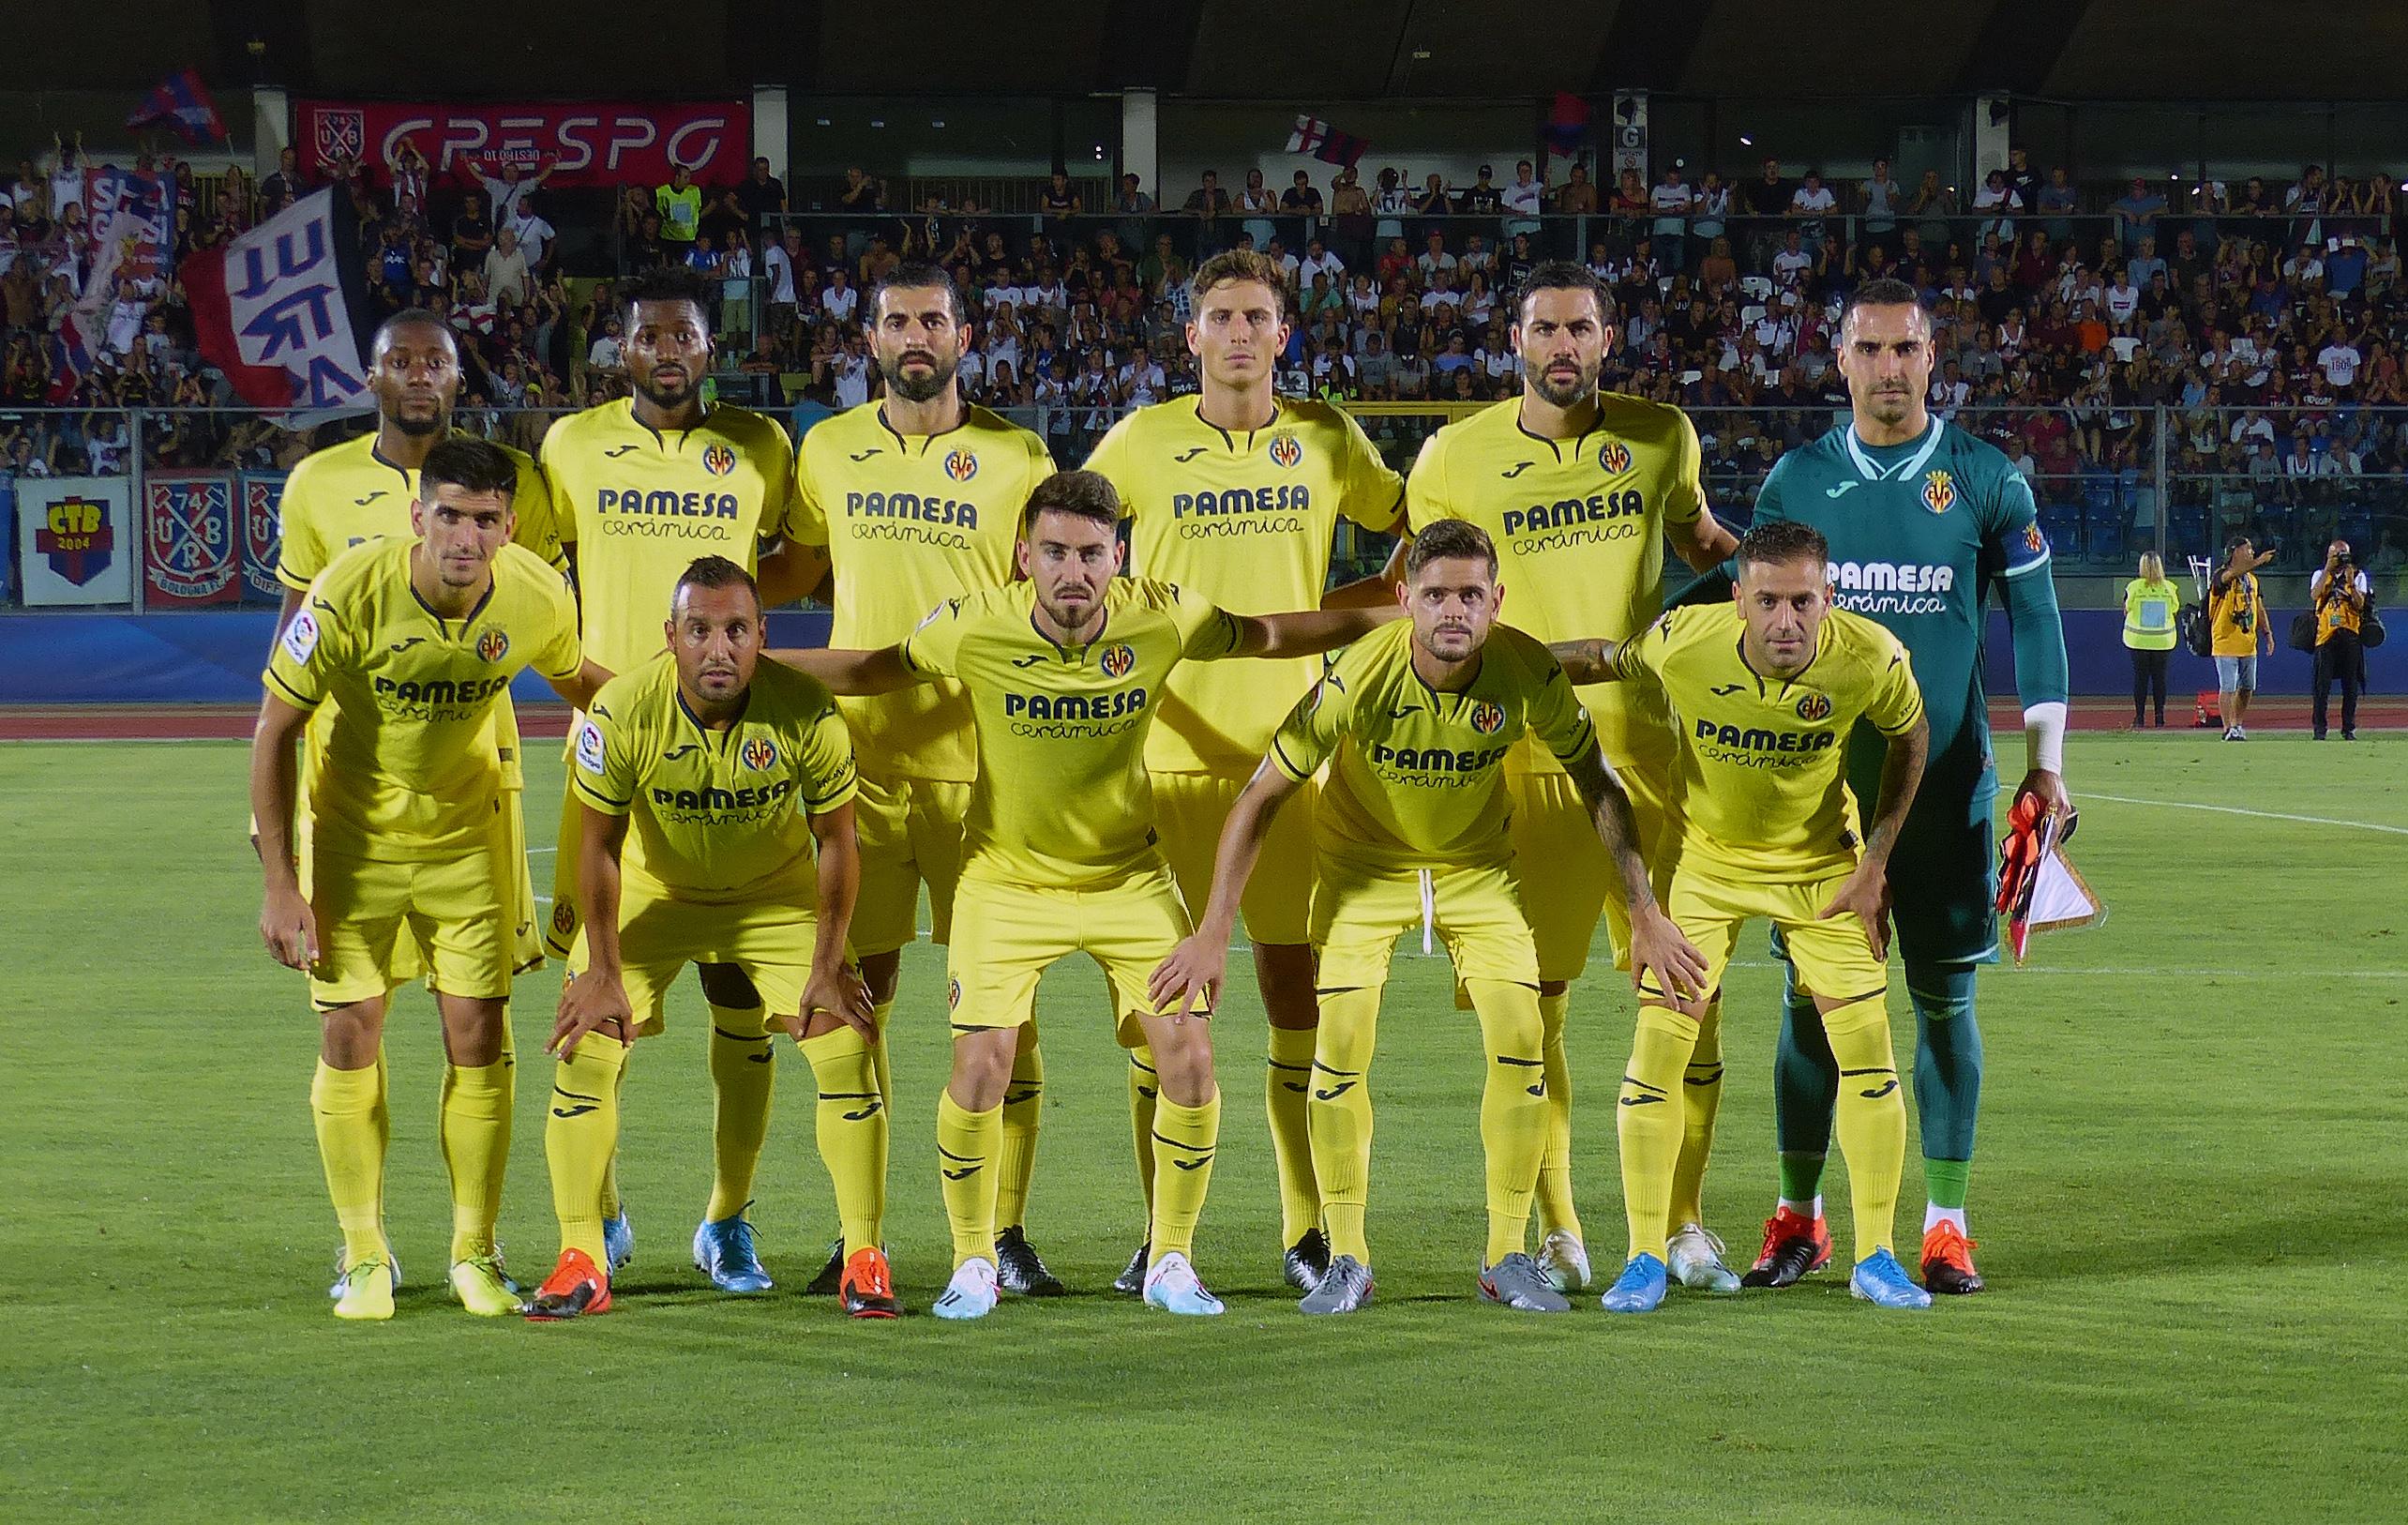 Lo que augura este Villarreal CF 2019/20